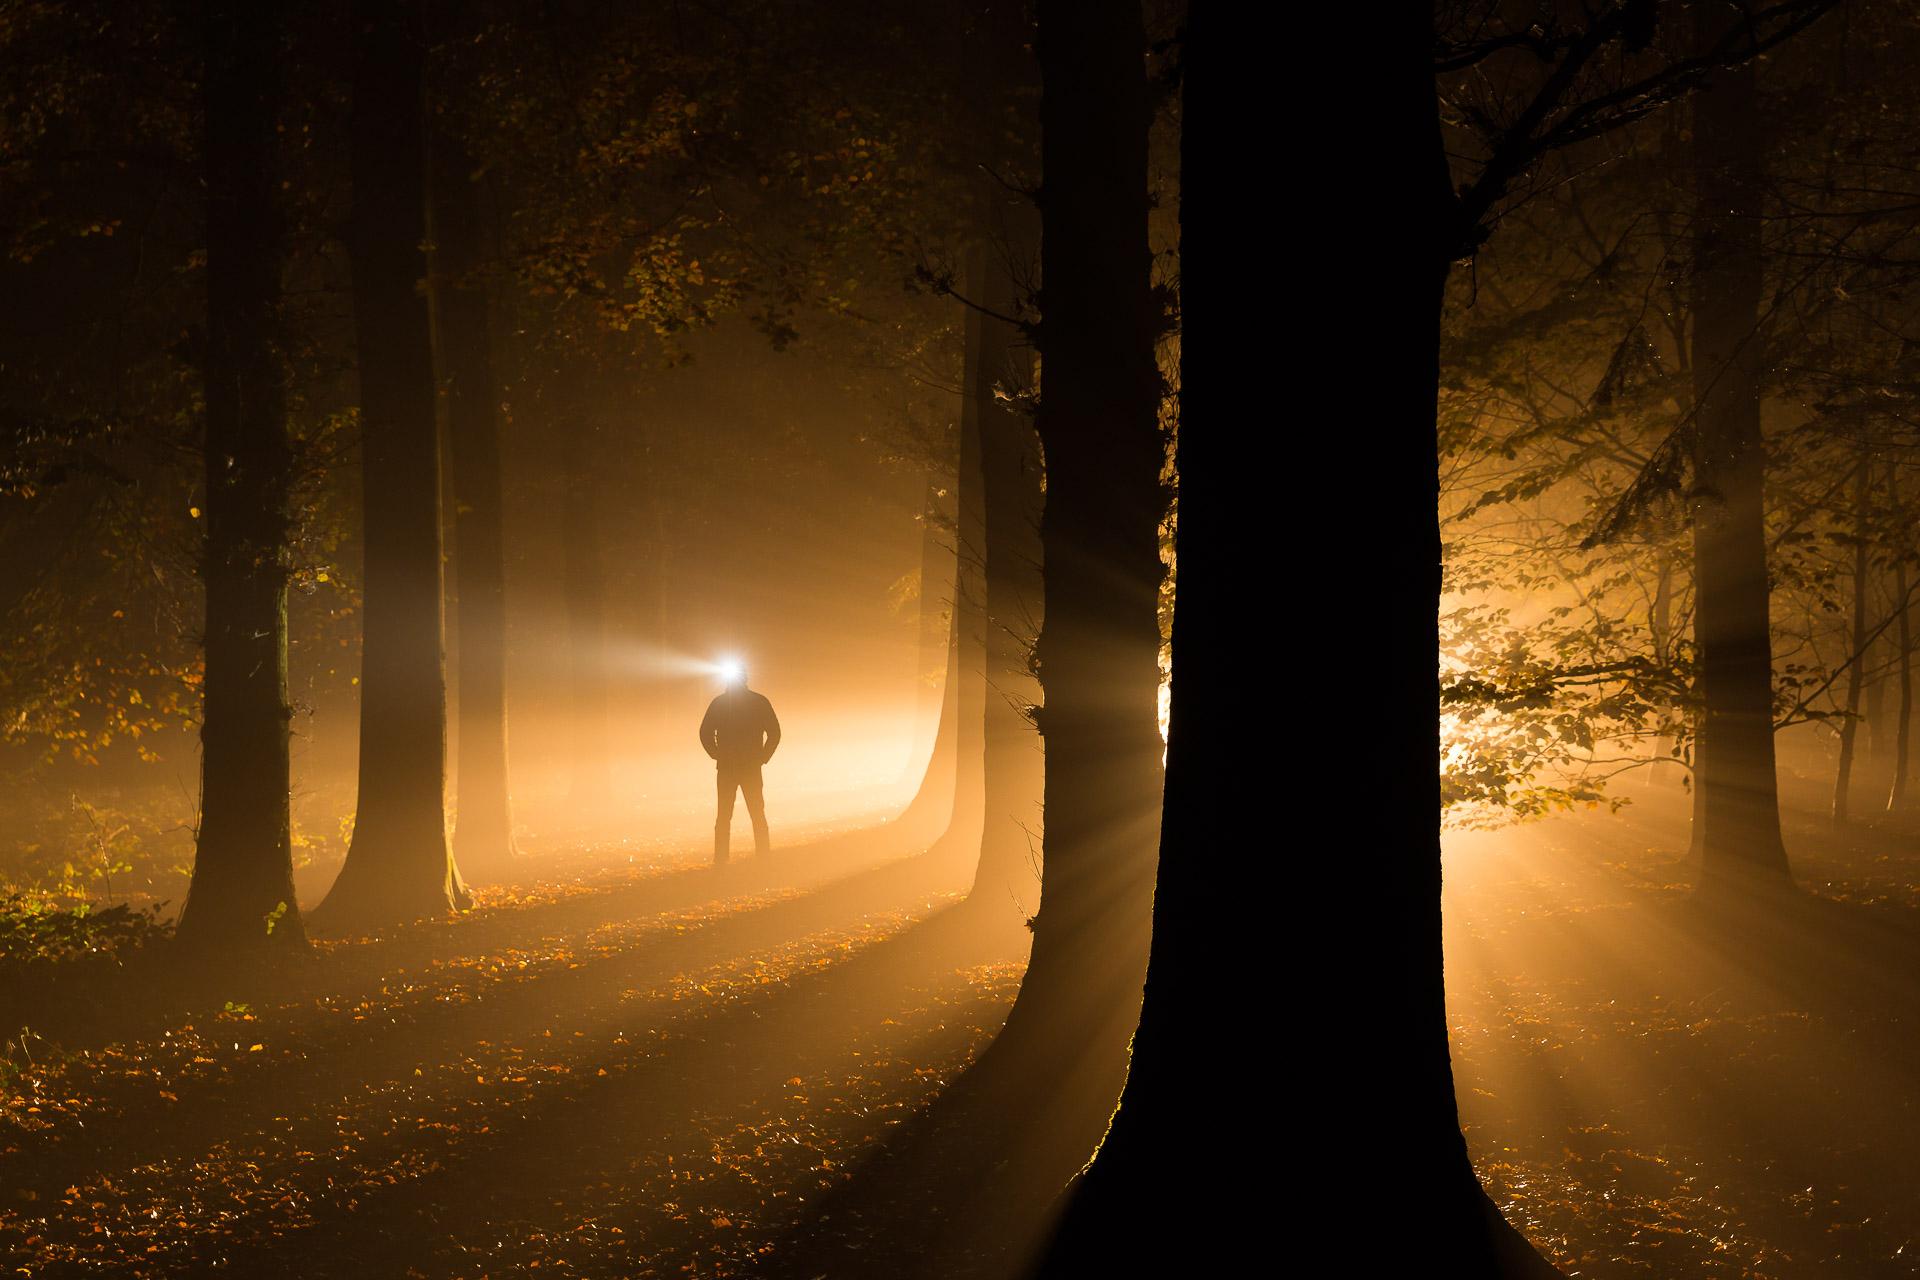 Into Darkness - Een mistige en mystieke nacht in de bossen bij Roden in Drenthe - Bas Meelker Landschapsfotografie